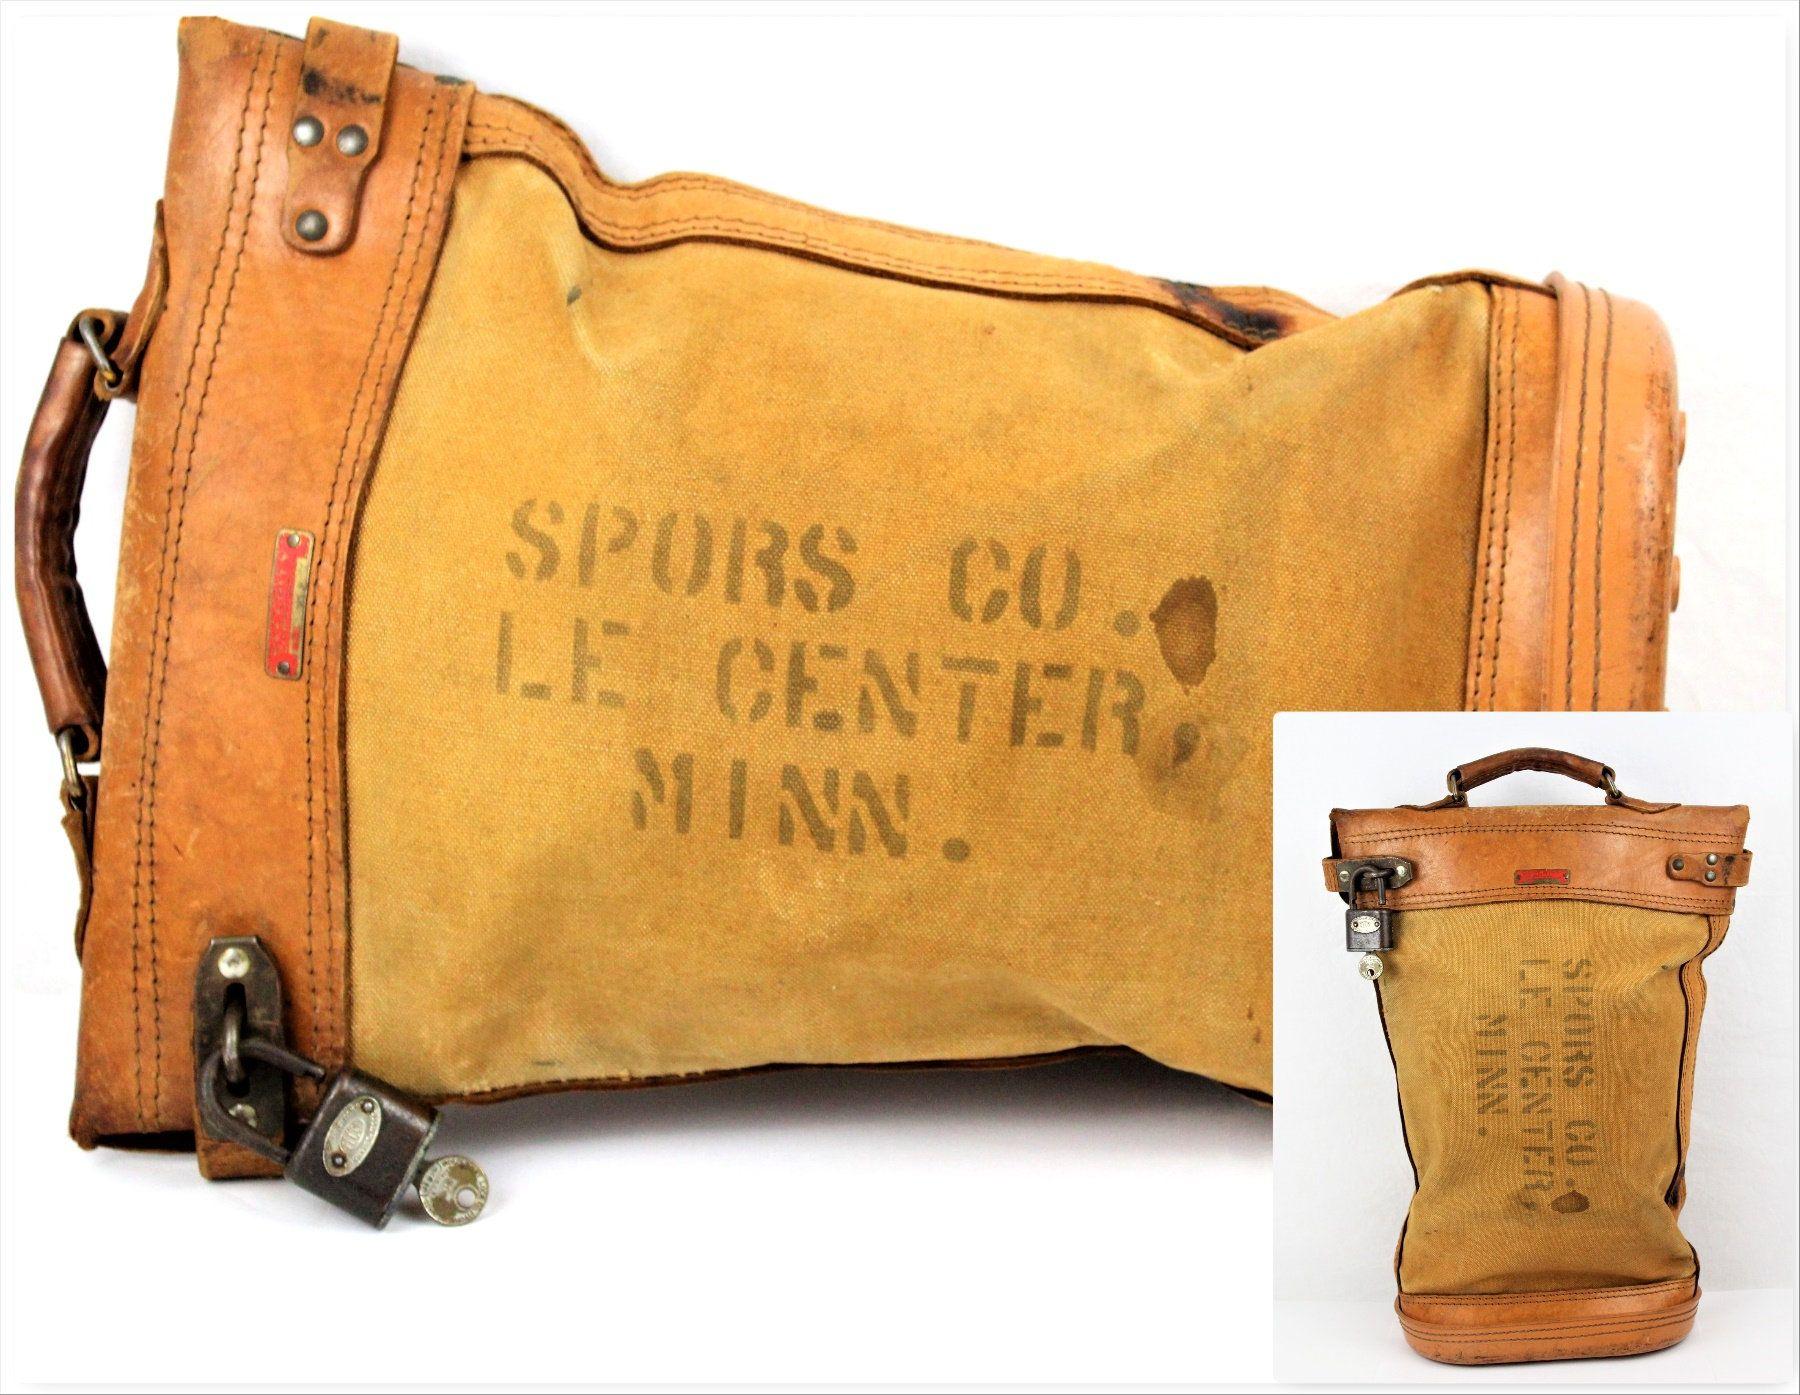 Vintage Security Bag Courier Security Bag Vintage Bank Deposit Bag Security Bag Deposit Bags Lockable Bag